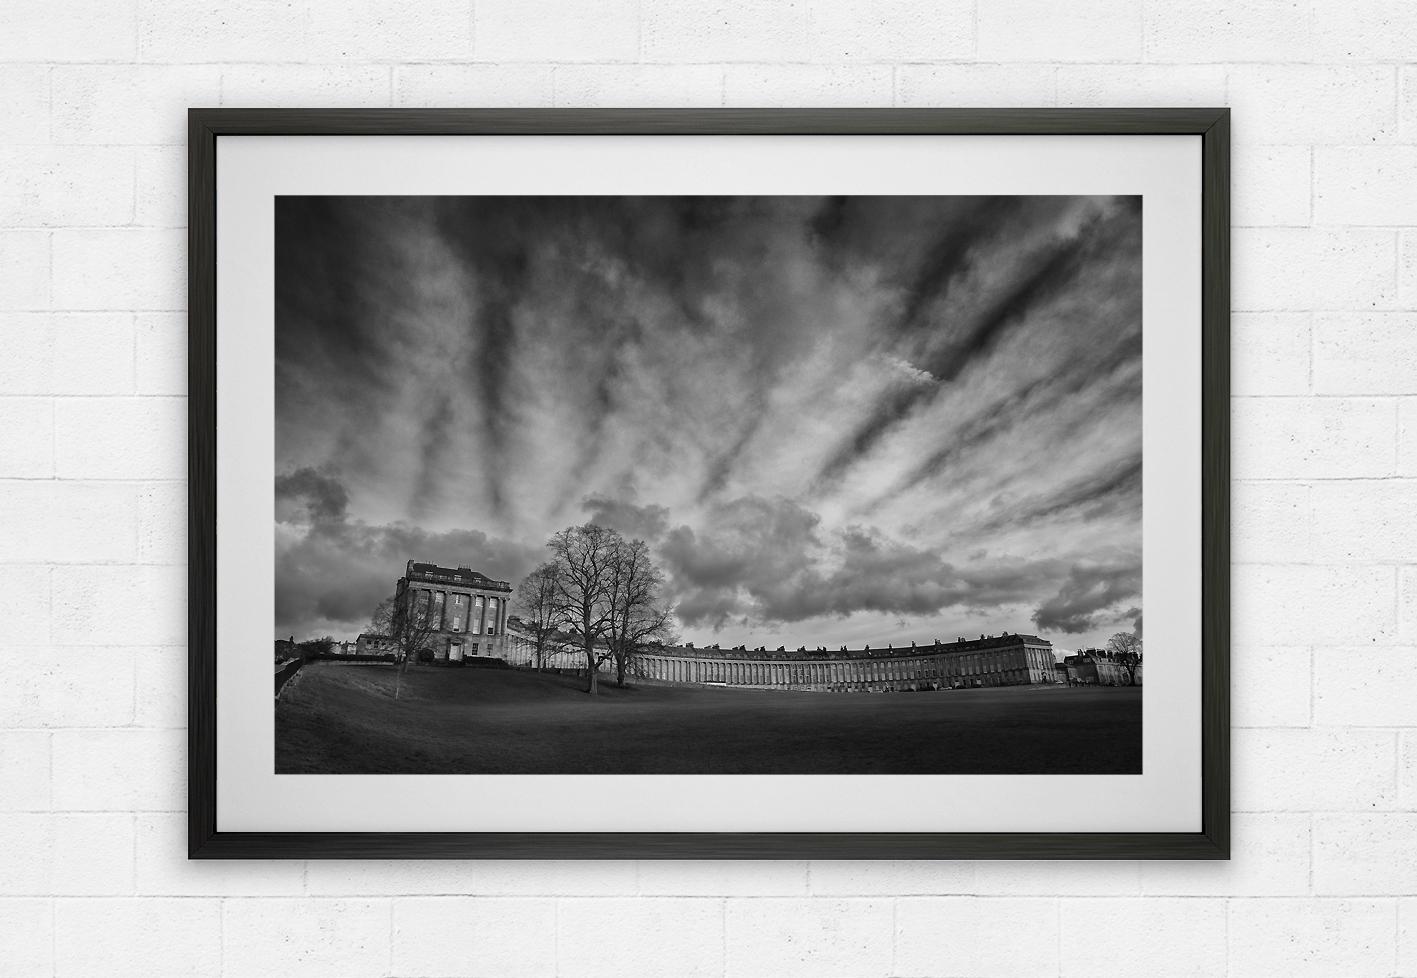 Royal Crescent and moody skies